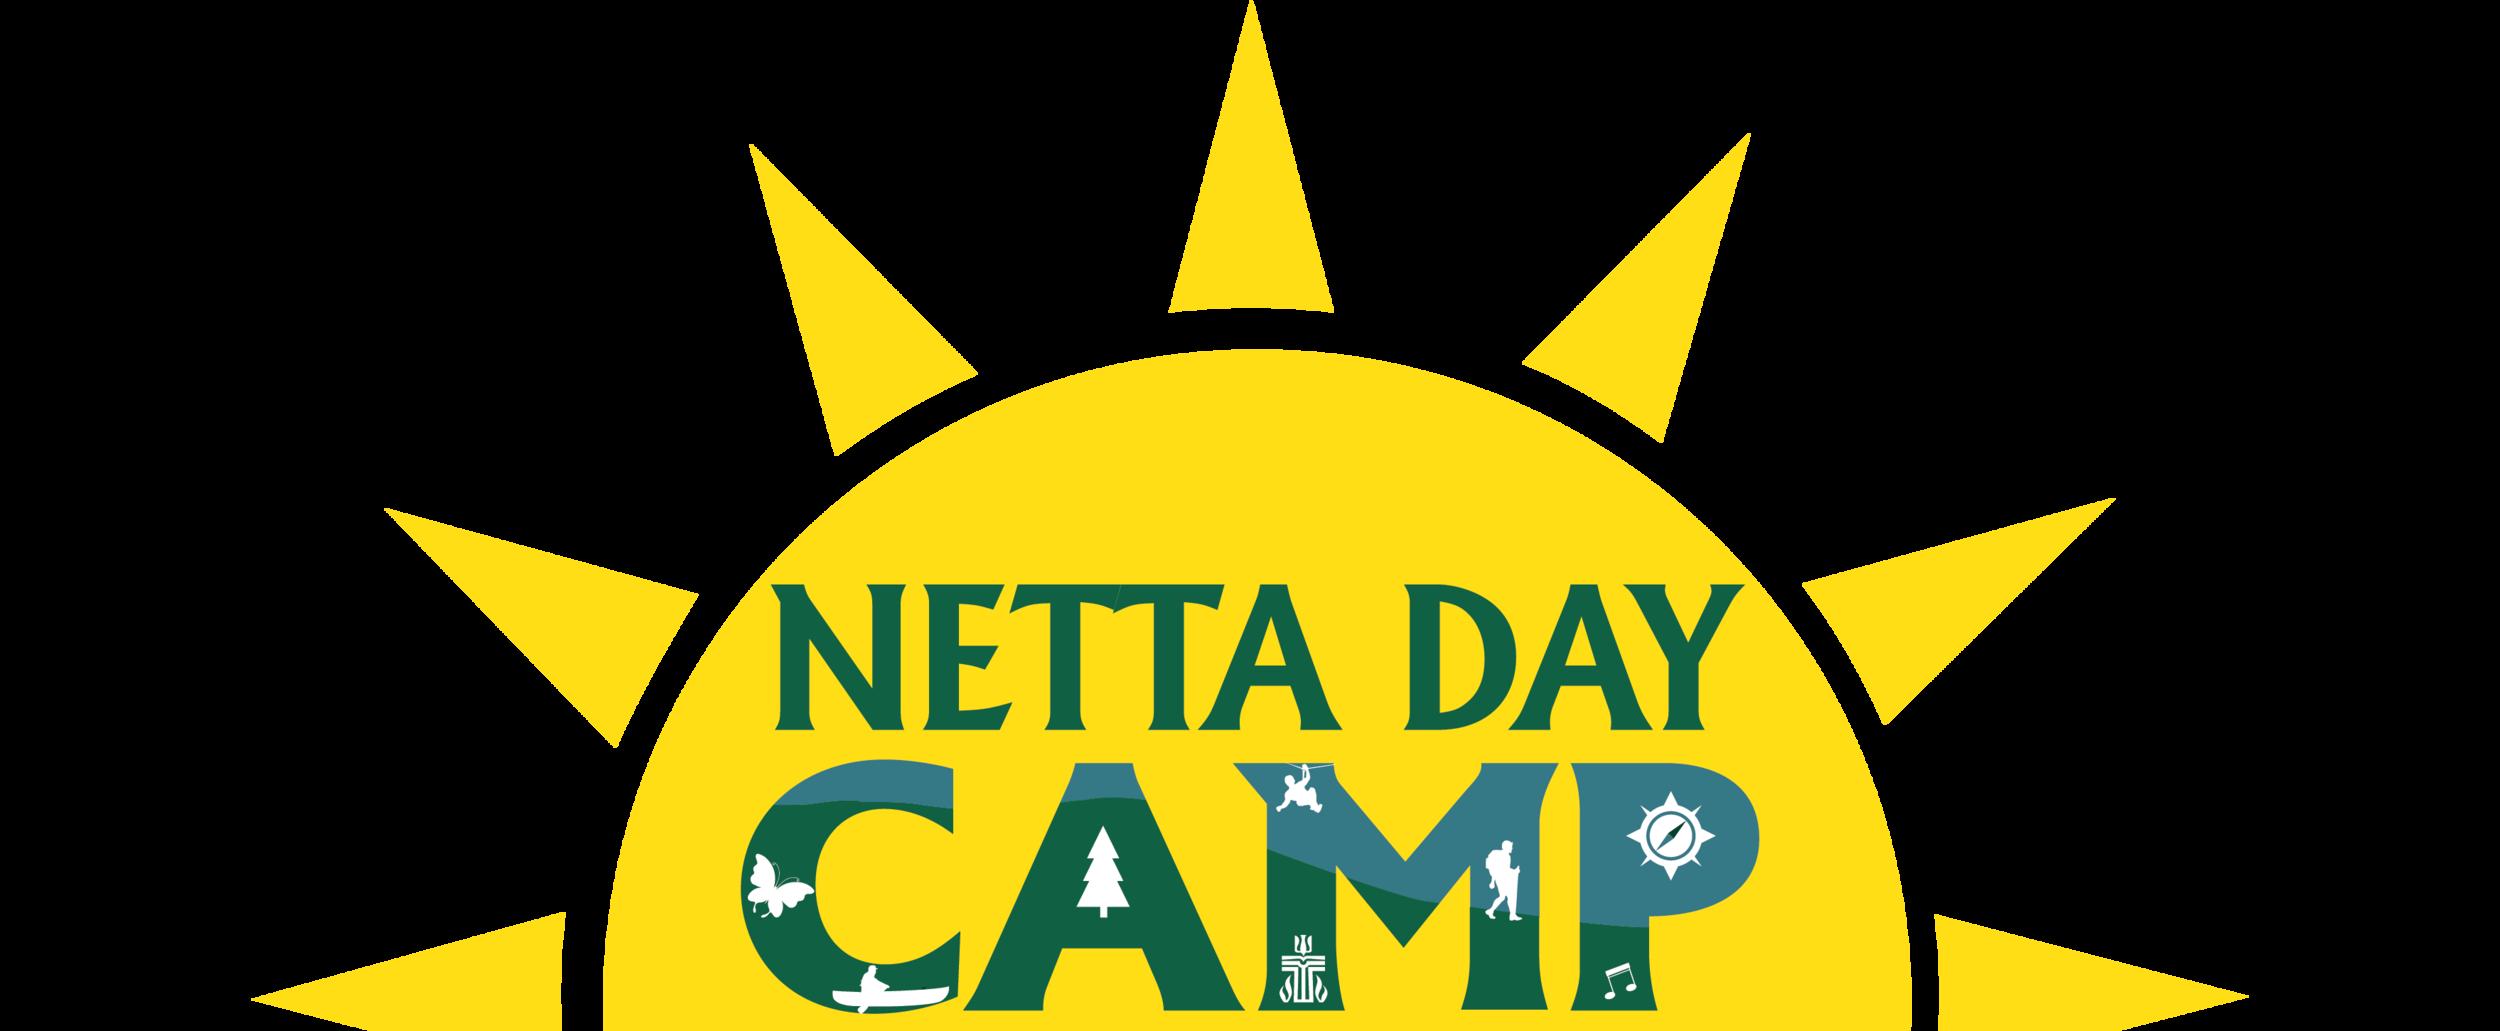 Netta Day Camp Half Sun Final.png